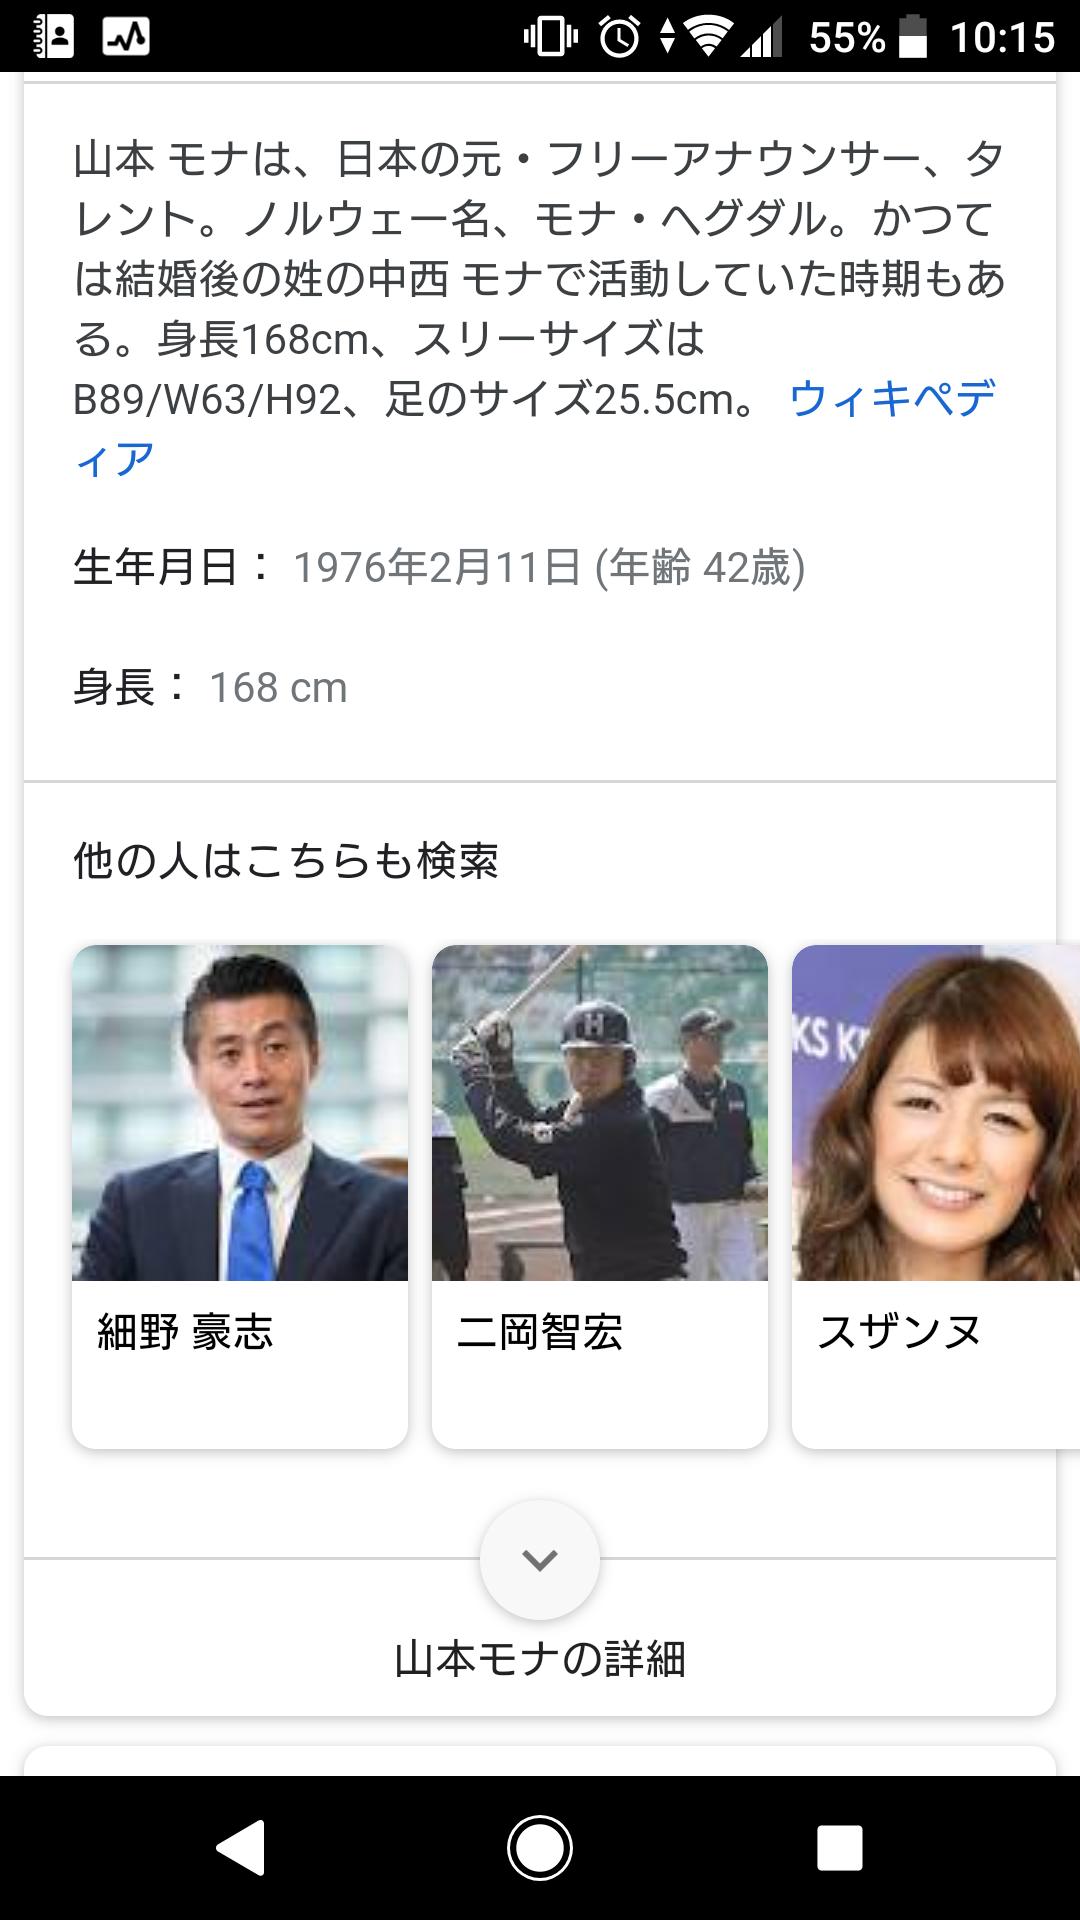 細野豪志氏、衆院選中に5千万円受け取り 証券会社から